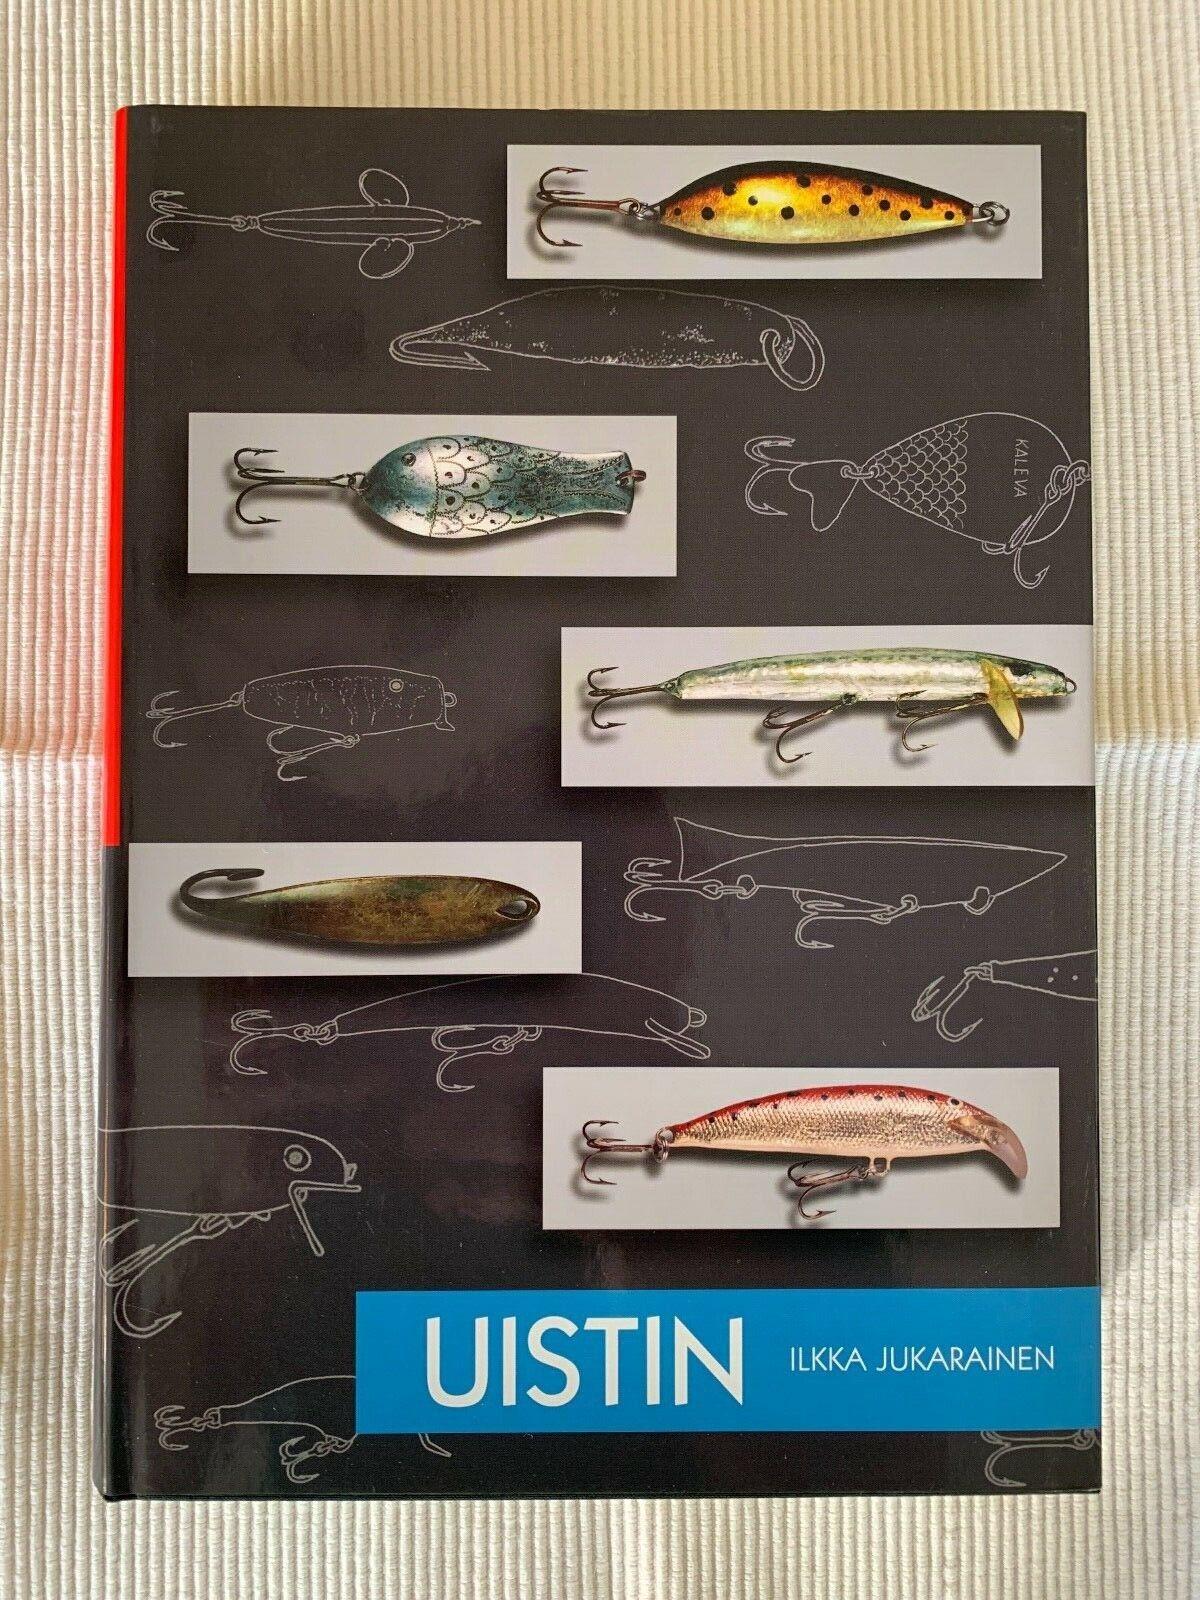 UISTIN - ILKKA JUKARAINEN Limitierte Erstausgabe 2005, Renfors, ABU, Rapala